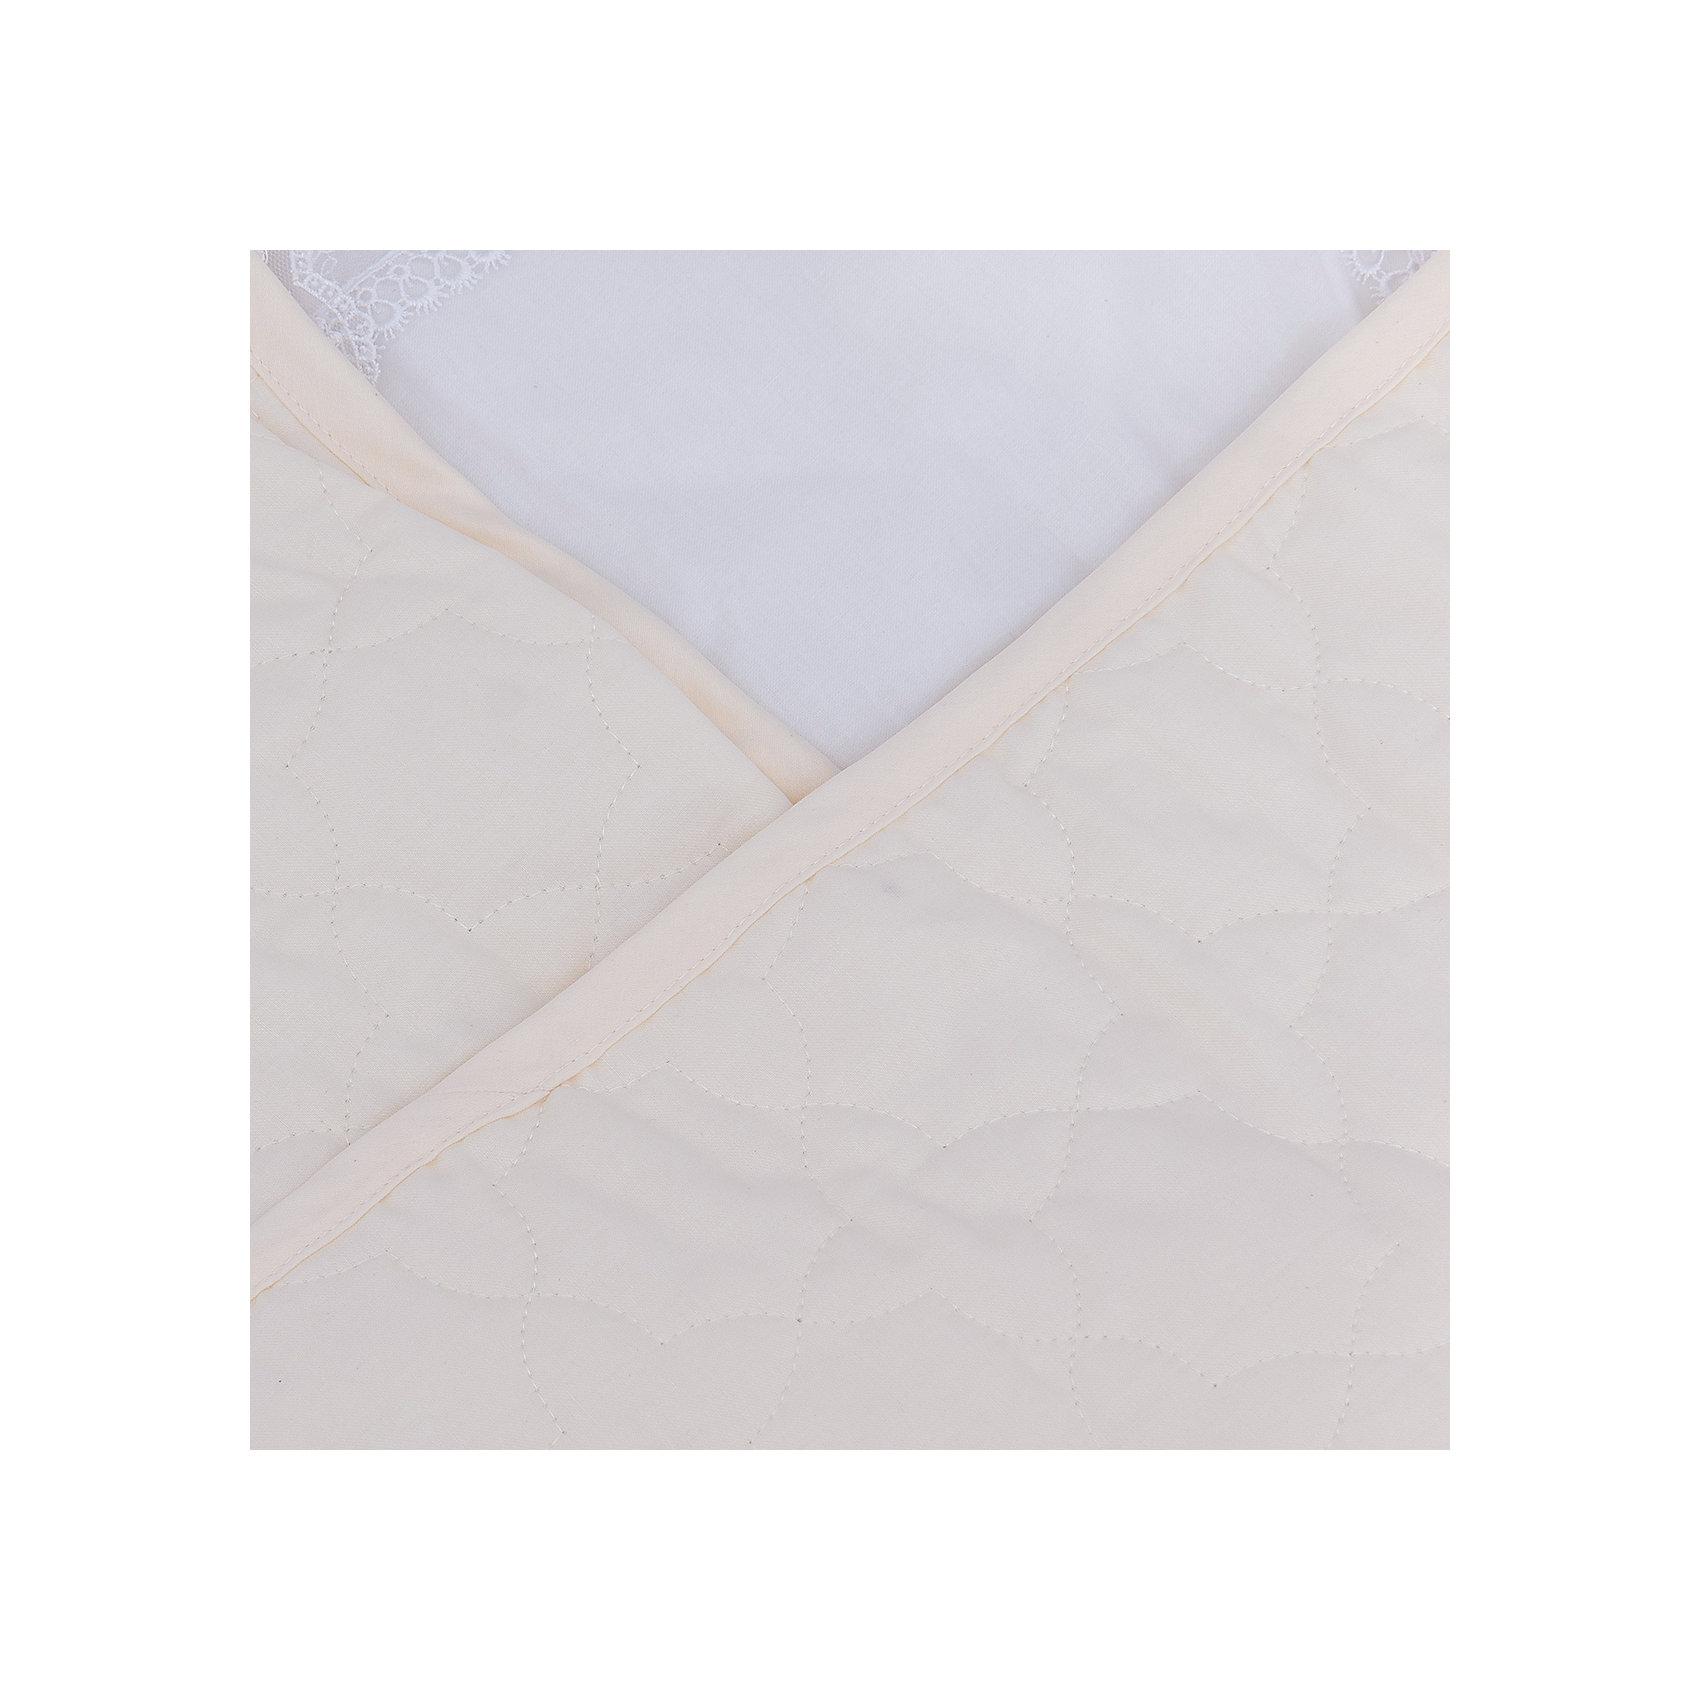 Конверт-одеяло на выписку Ласточка Сонный гномик, бежевый